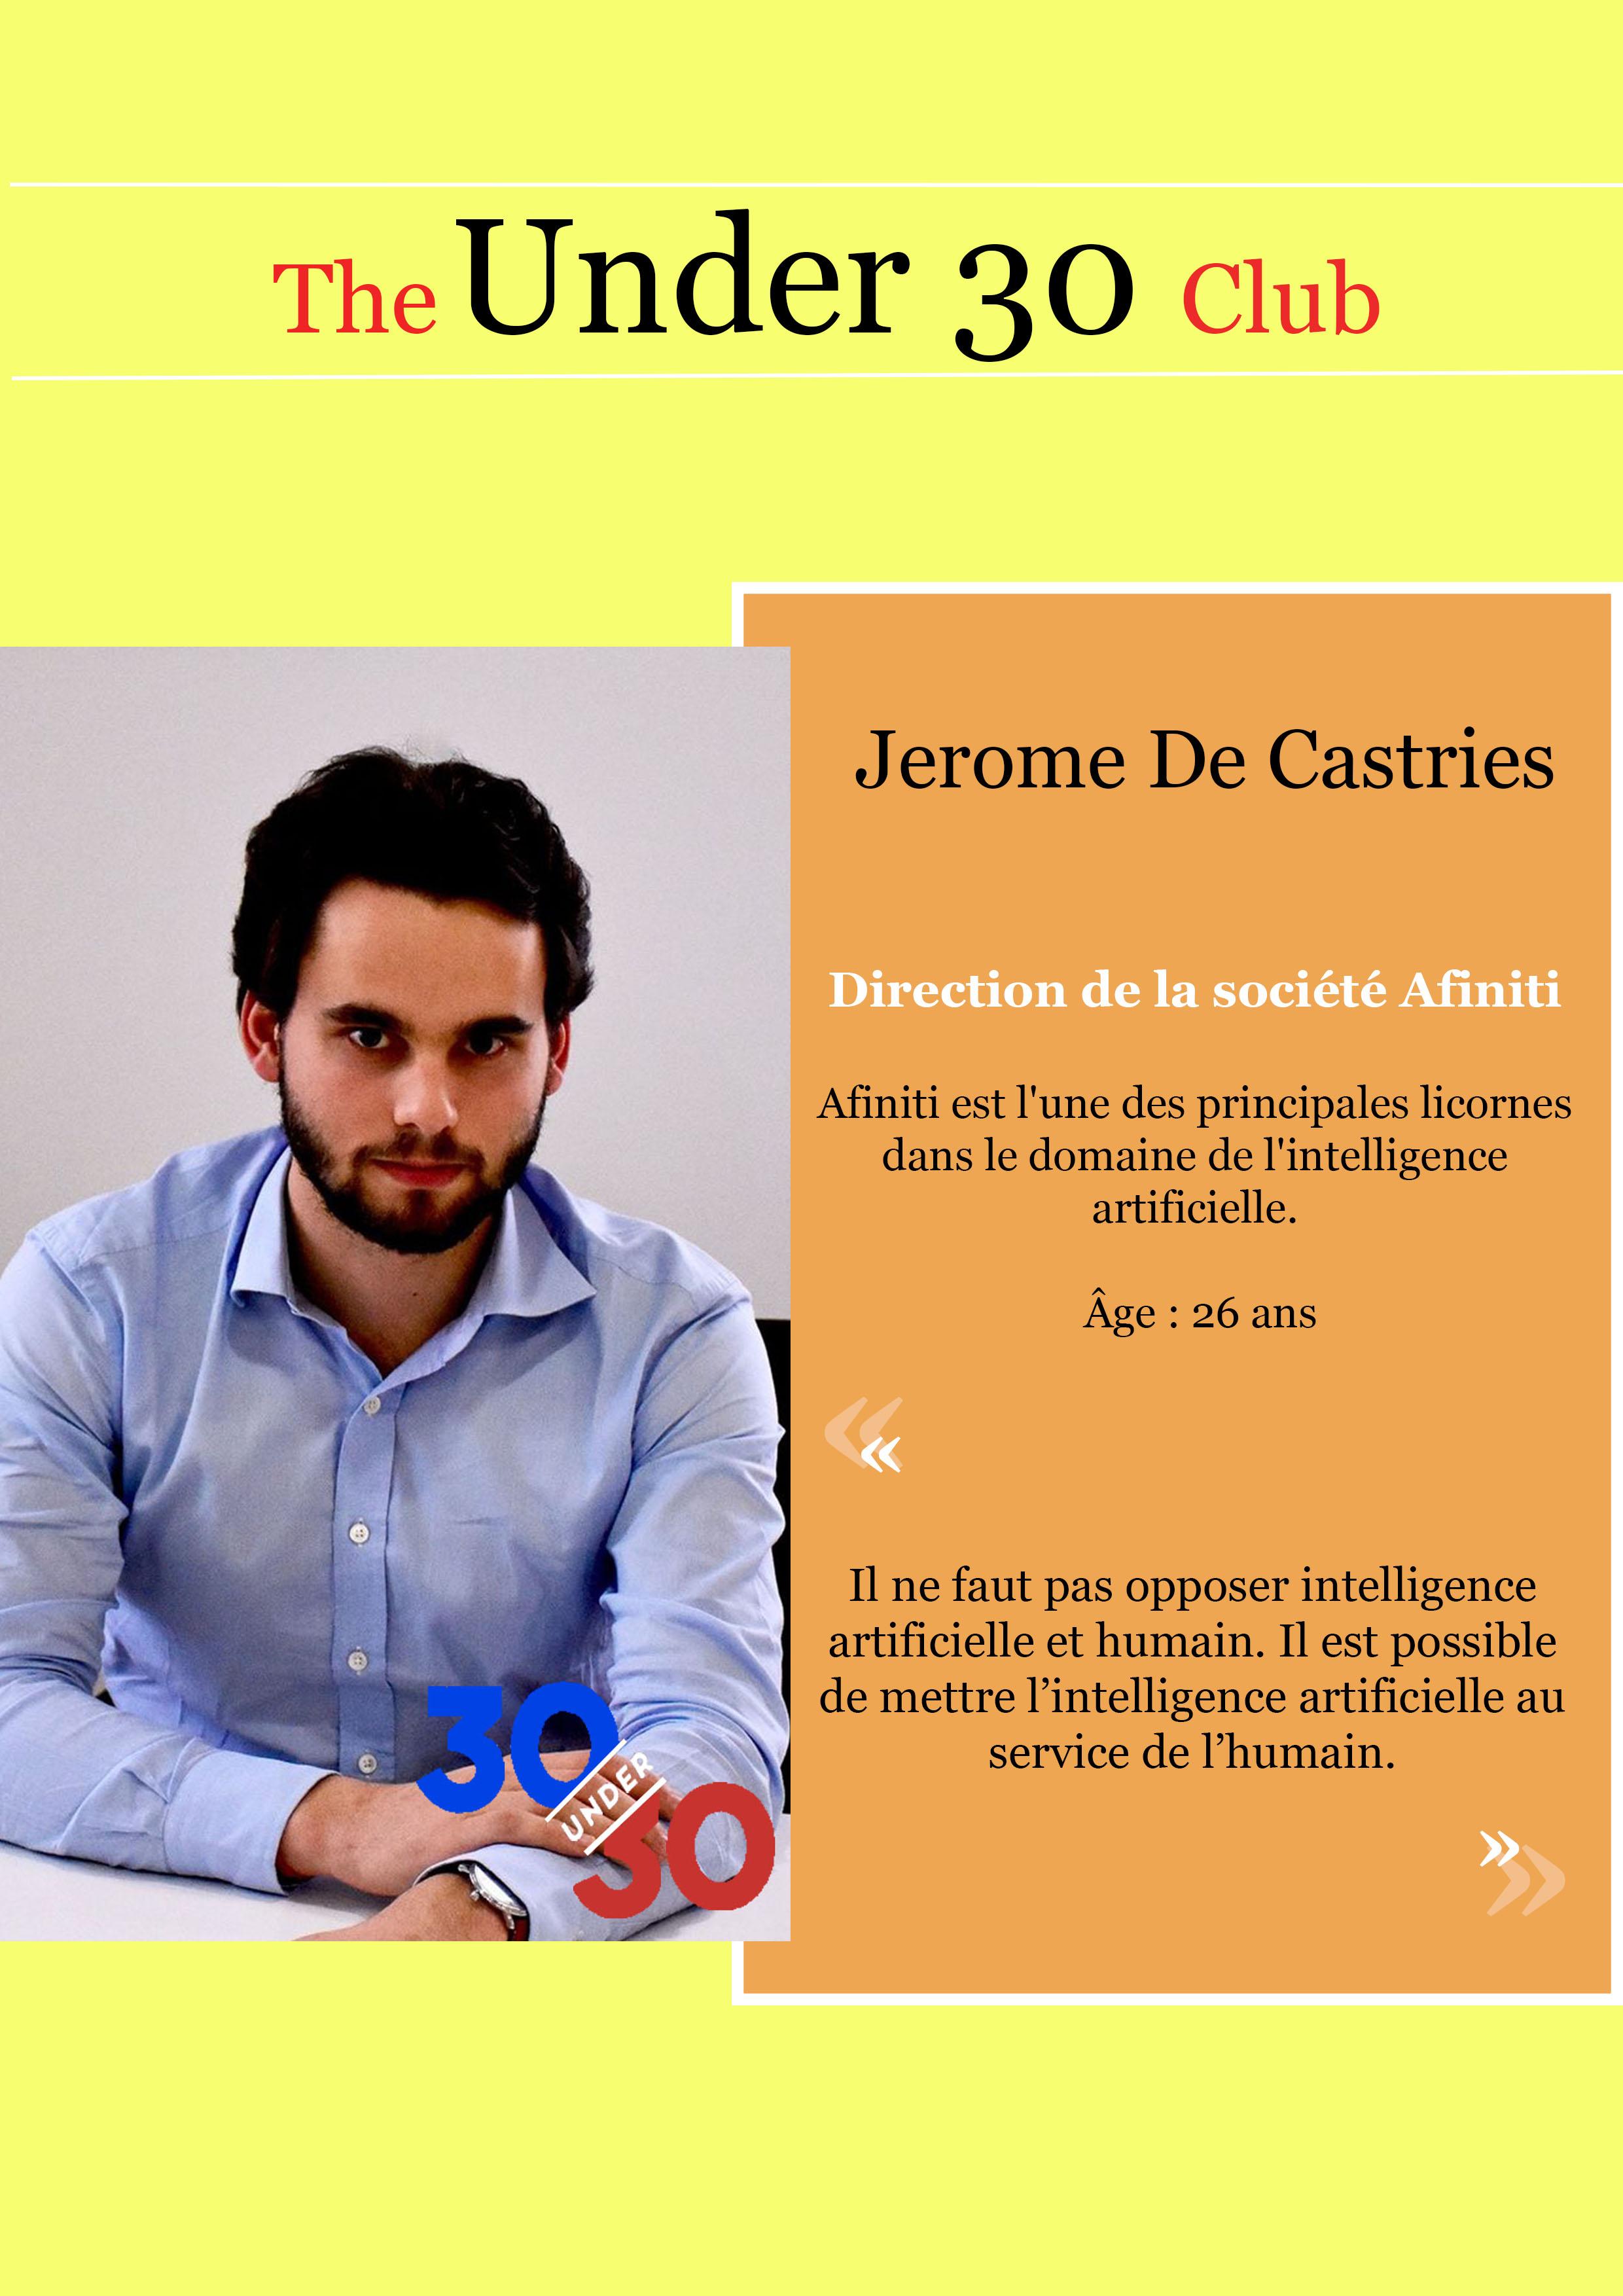 Jerome De Castries